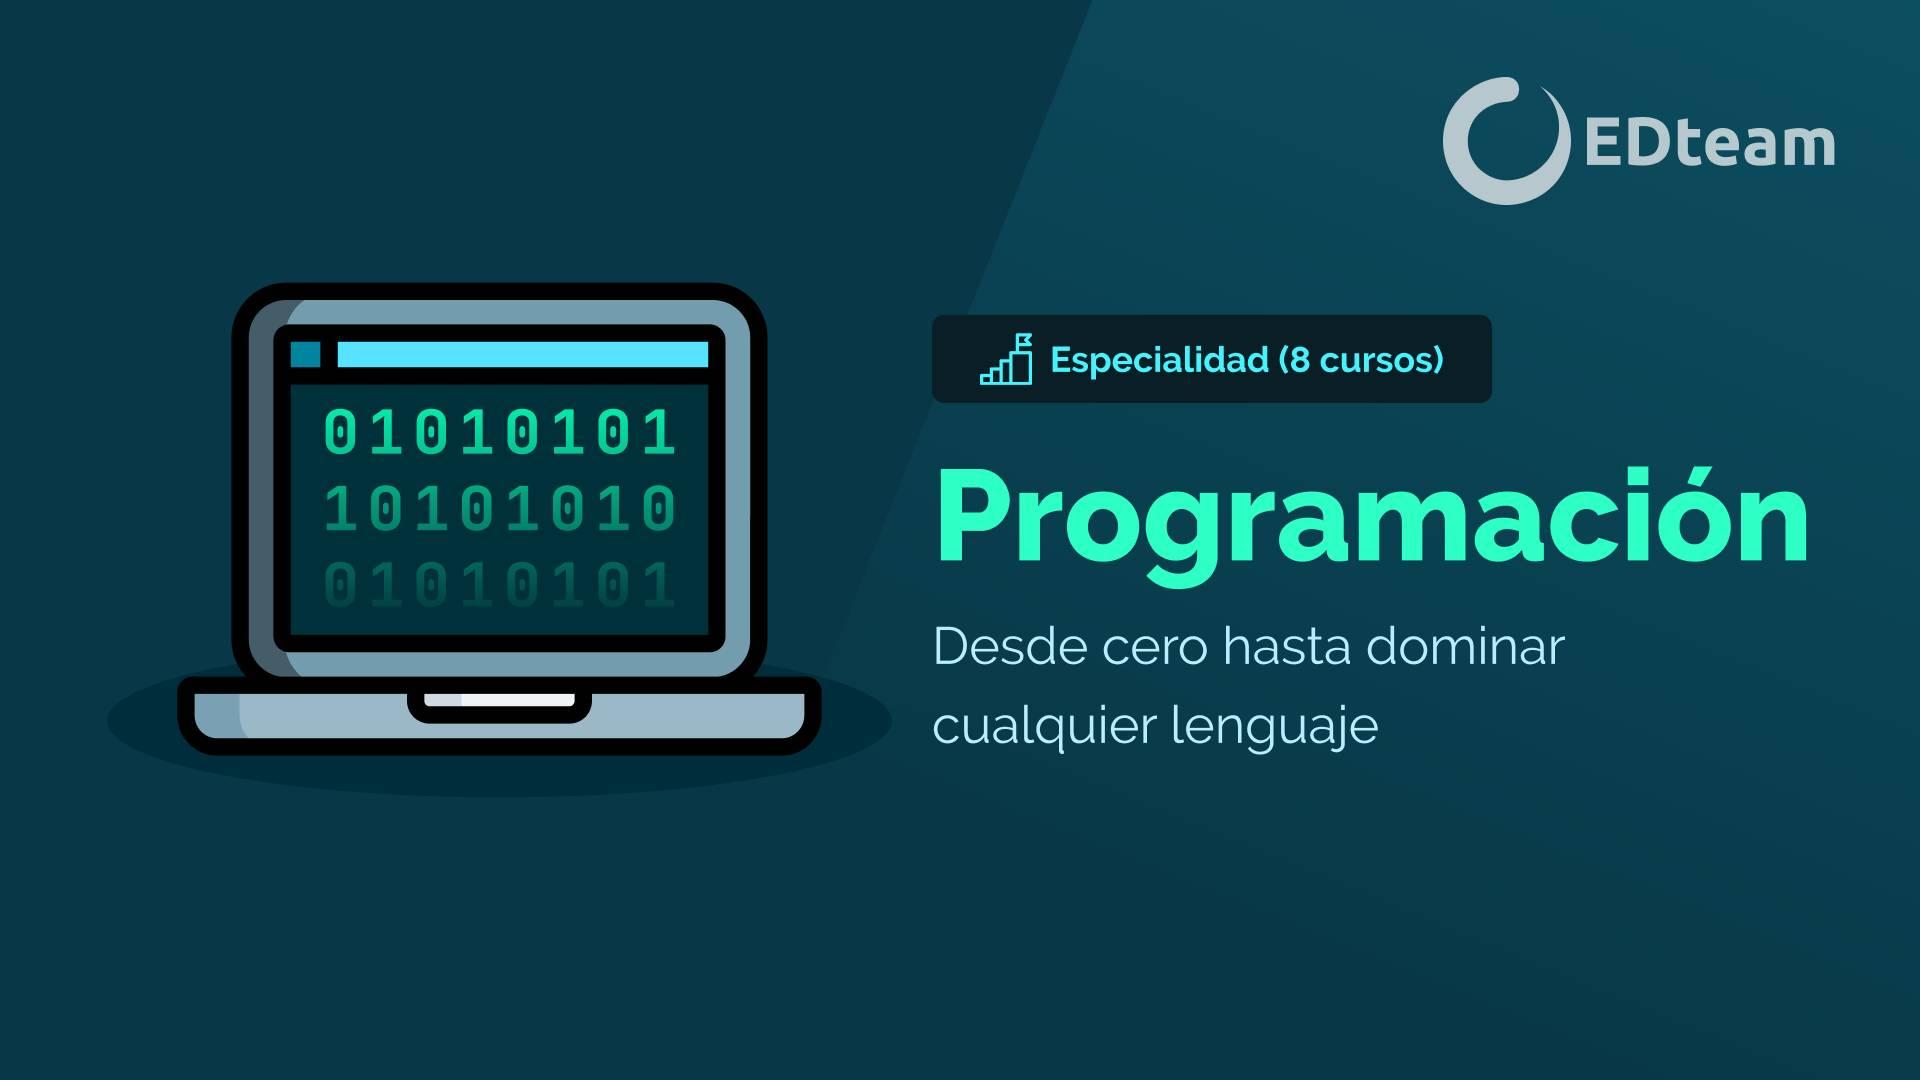 Especialidad: Programación Desde Cero